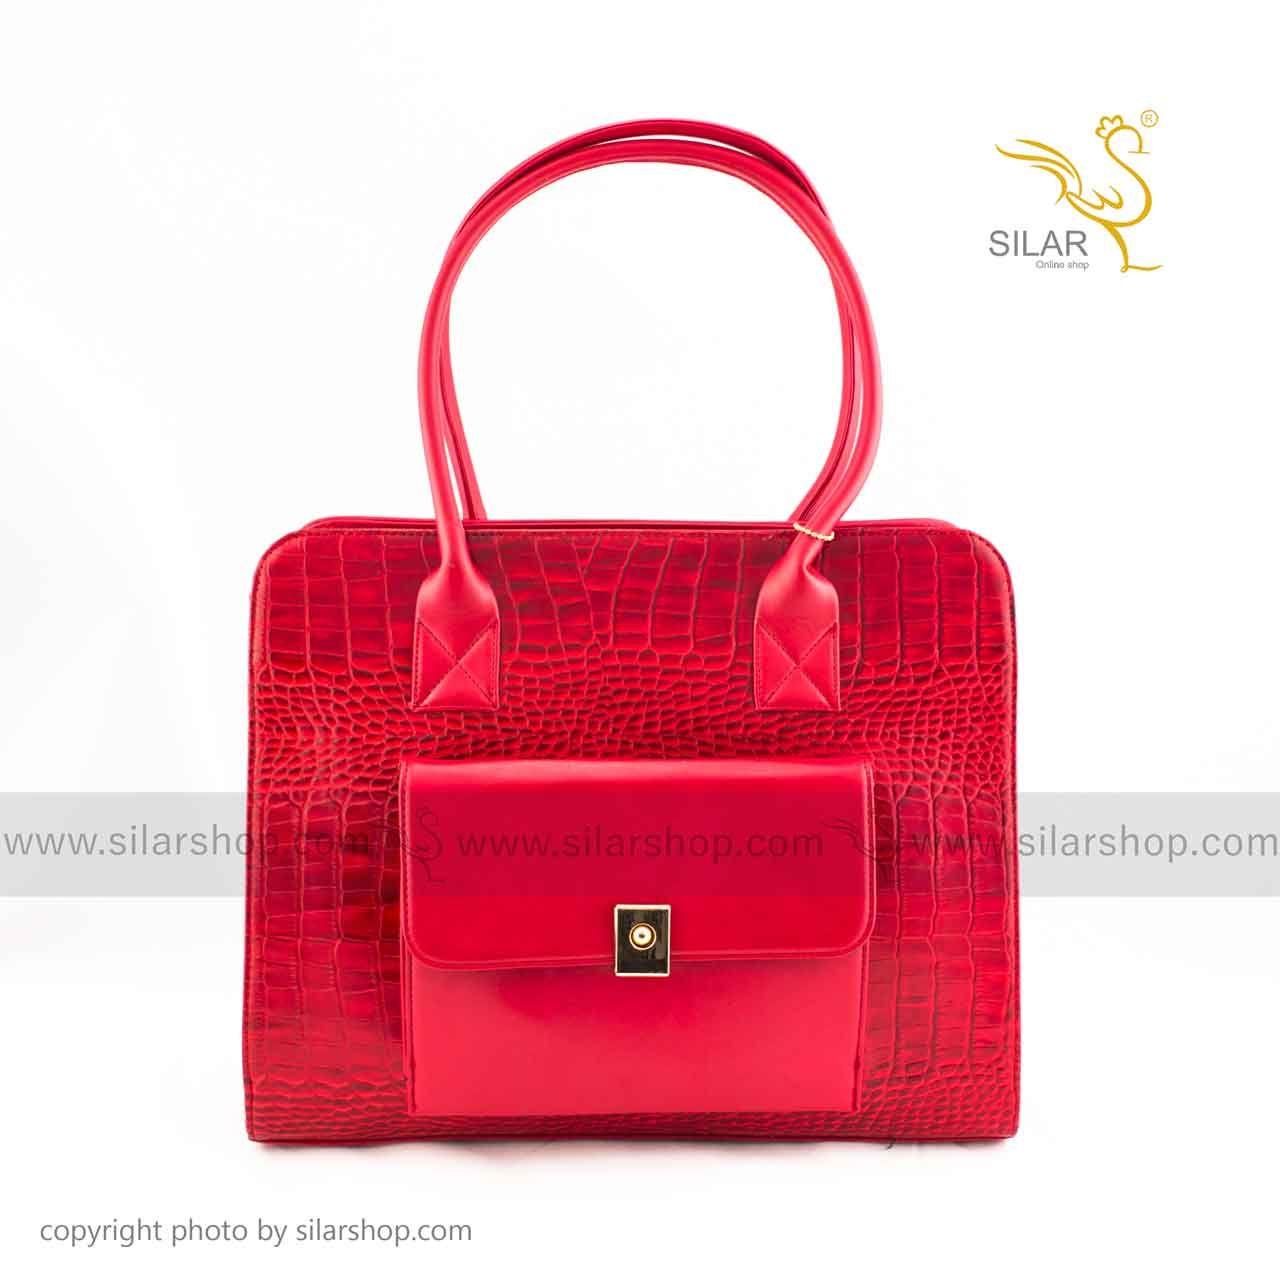 با کیف های مورداستفاده سلبریتی های ایران آشنا شویم!